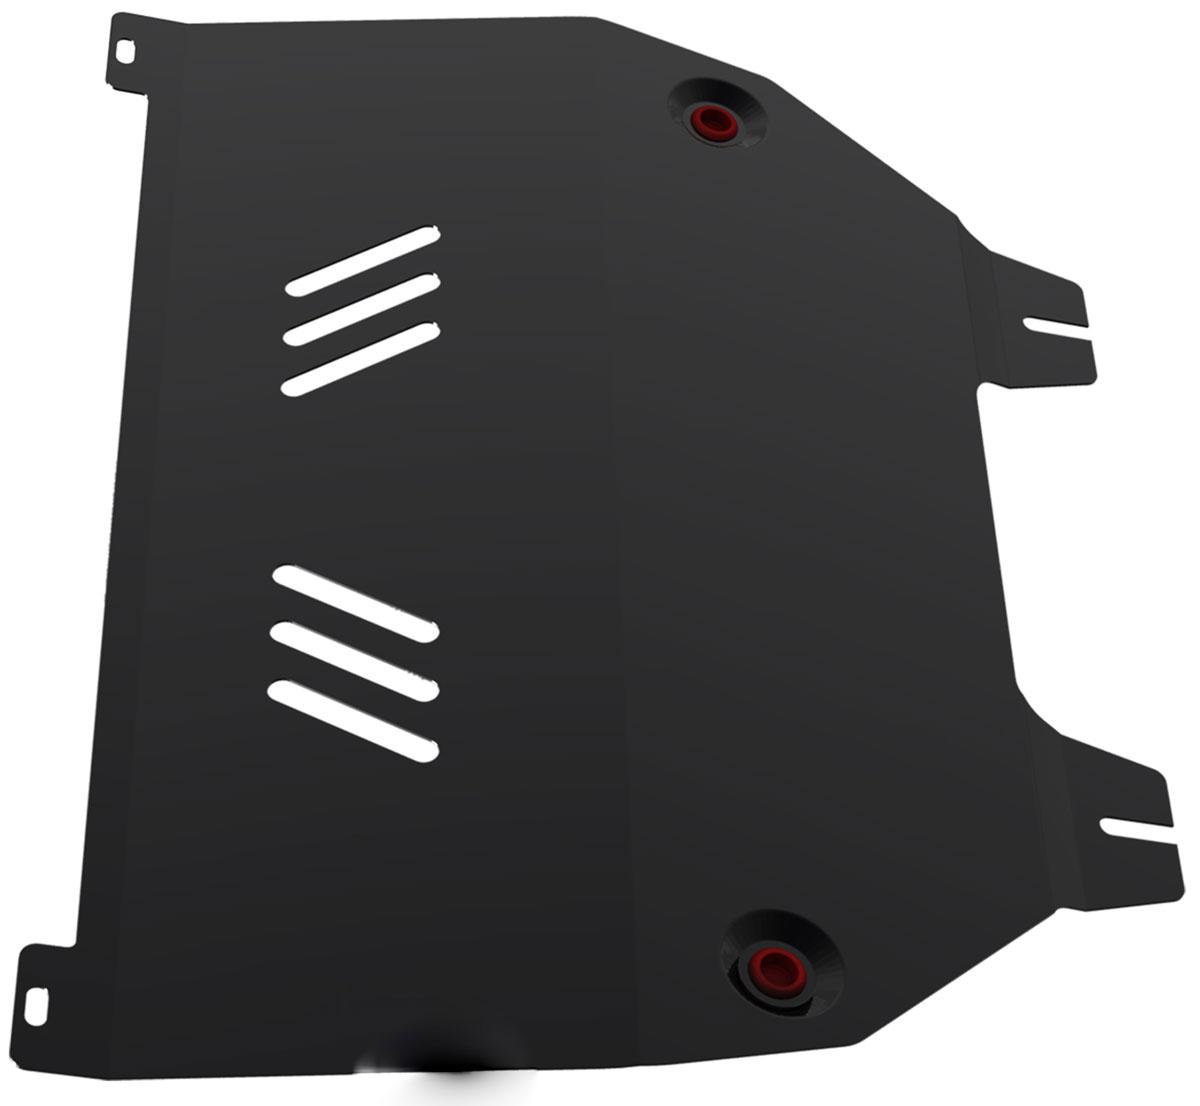 Защита картера и КПП Автоброня, для Citroen C4/C4 Picasso/Peugeot 308/408. 111.01203.2111.01203.2Технологически совершенный продукт за невысокую стоимость. Защита разработана с учетом особенностей днища автомобиля, что позволяет сохранить дорожный просвет с минимальным изменением. Защита устанавливается в штатные места кузова автомобиля. Глубокий штамп обеспечивает до двух раз больше жесткости в сравнении с обычной защитой той же толщины. Проштампованные ребра жесткости препятствуют деформации защиты при ударах. Тепловой зазор и вентиляционные отверстия обеспечивают сохранение температурного режима двигателя в норме. Скрытый крепеж предотвращает срыв крепежных элементов при наезде на препятствие. Шумопоглощающие резиновые элементы обеспечивают комфортную езду без вибраций и скрежета металла, а съемные лючки для слива масла и замены фильтра - экономию средств и времени. Конструкция изделия не влияет на пассивную безопасность автомобиля (при ударе защита не воздействует на деформационные зоны кузова). Толщина стали: 2 мм. В комплекте набор...